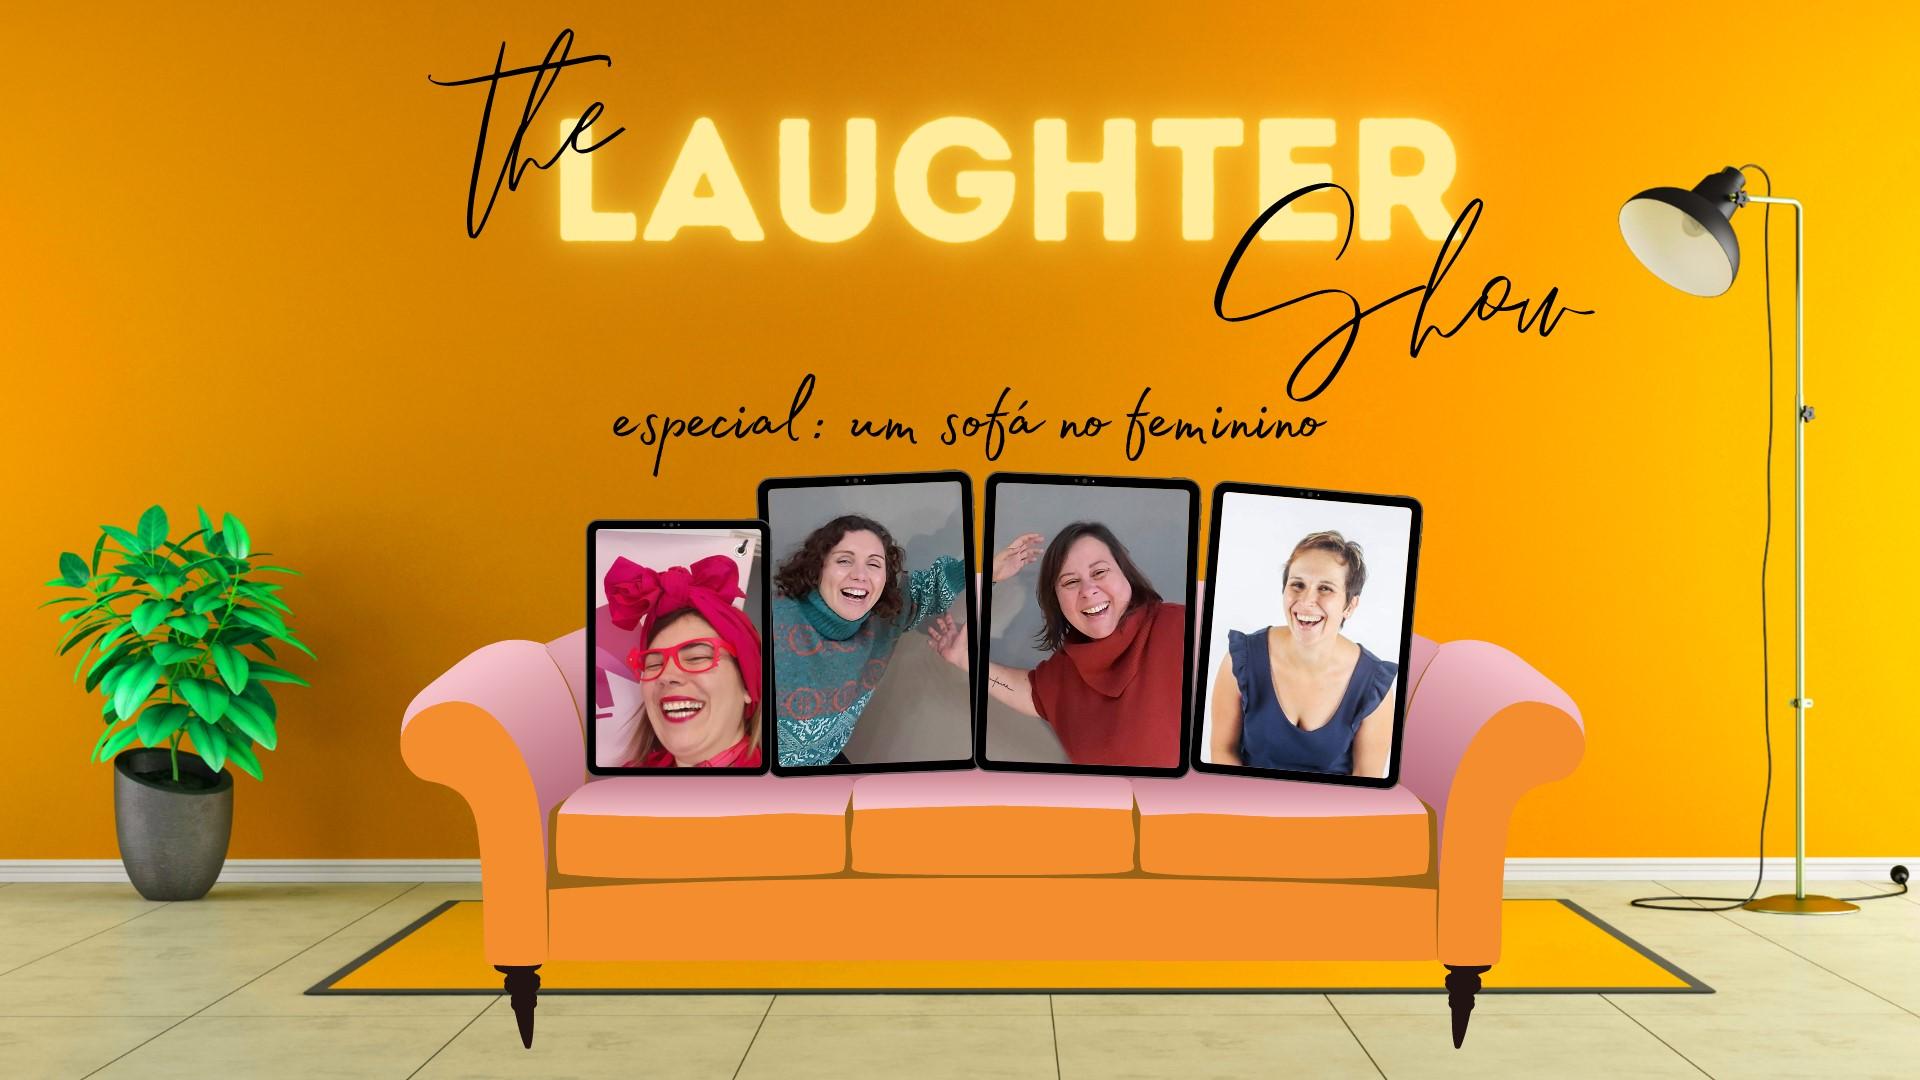 The Laughter Show - especial: um sofá no feminino